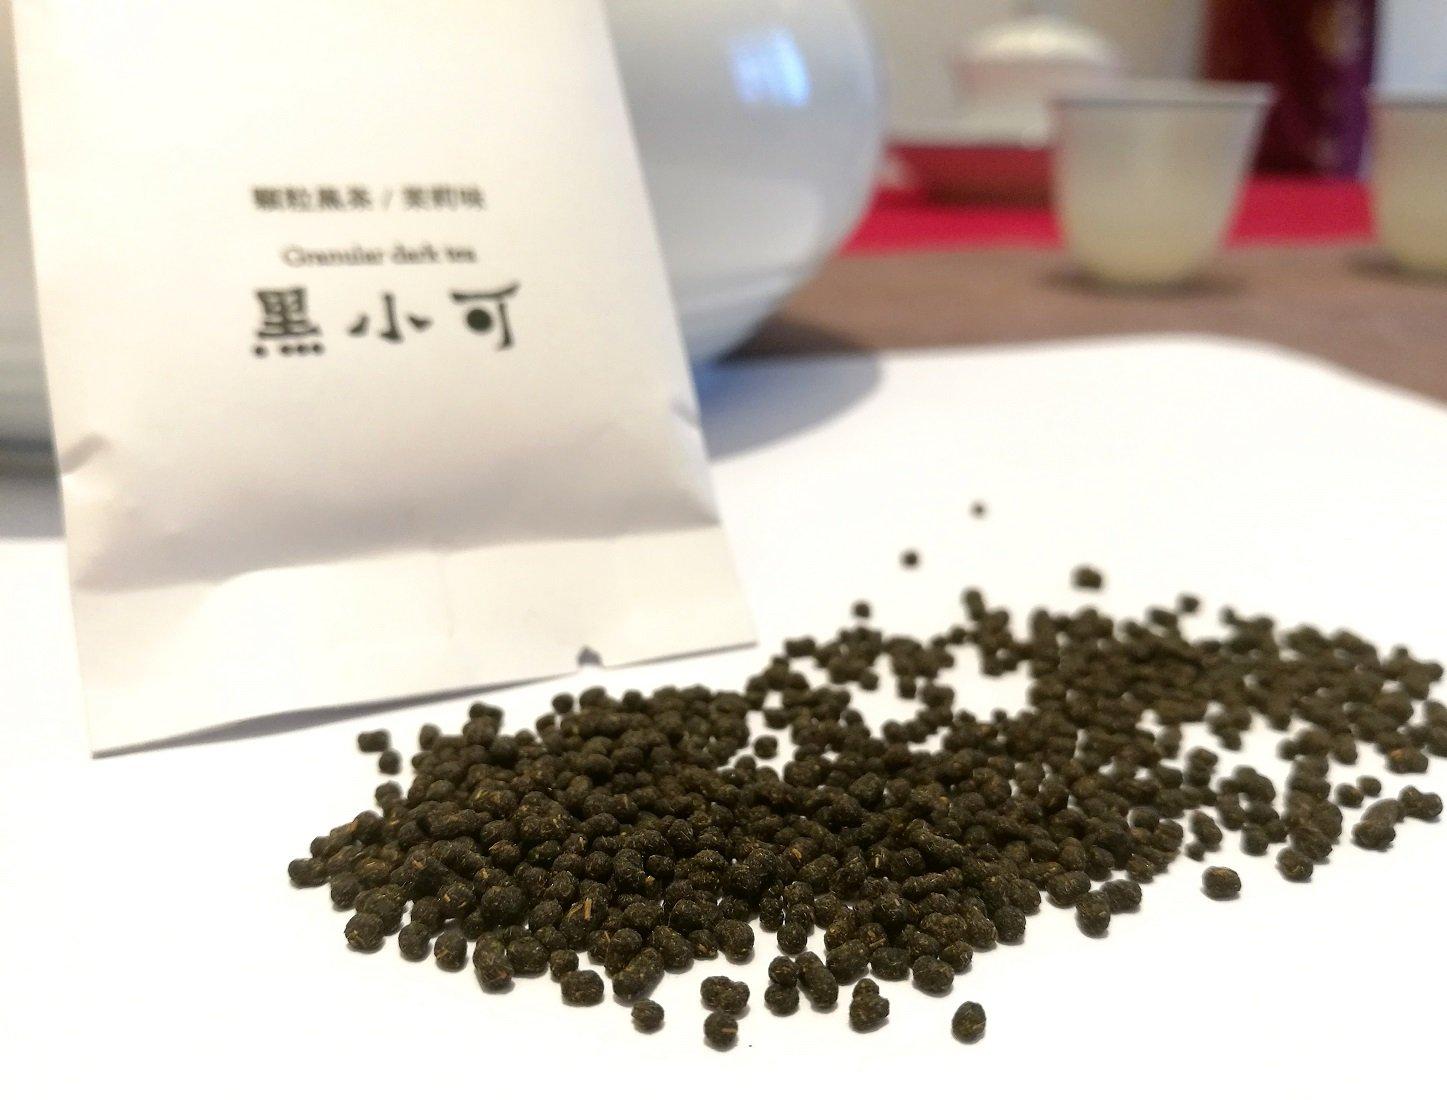 CDM product HEKUNDA Organic Dark Tea Second Flush Black Tea Loose Leaf - 30 Tea Bags (Jasmine flavour) ¡ big image